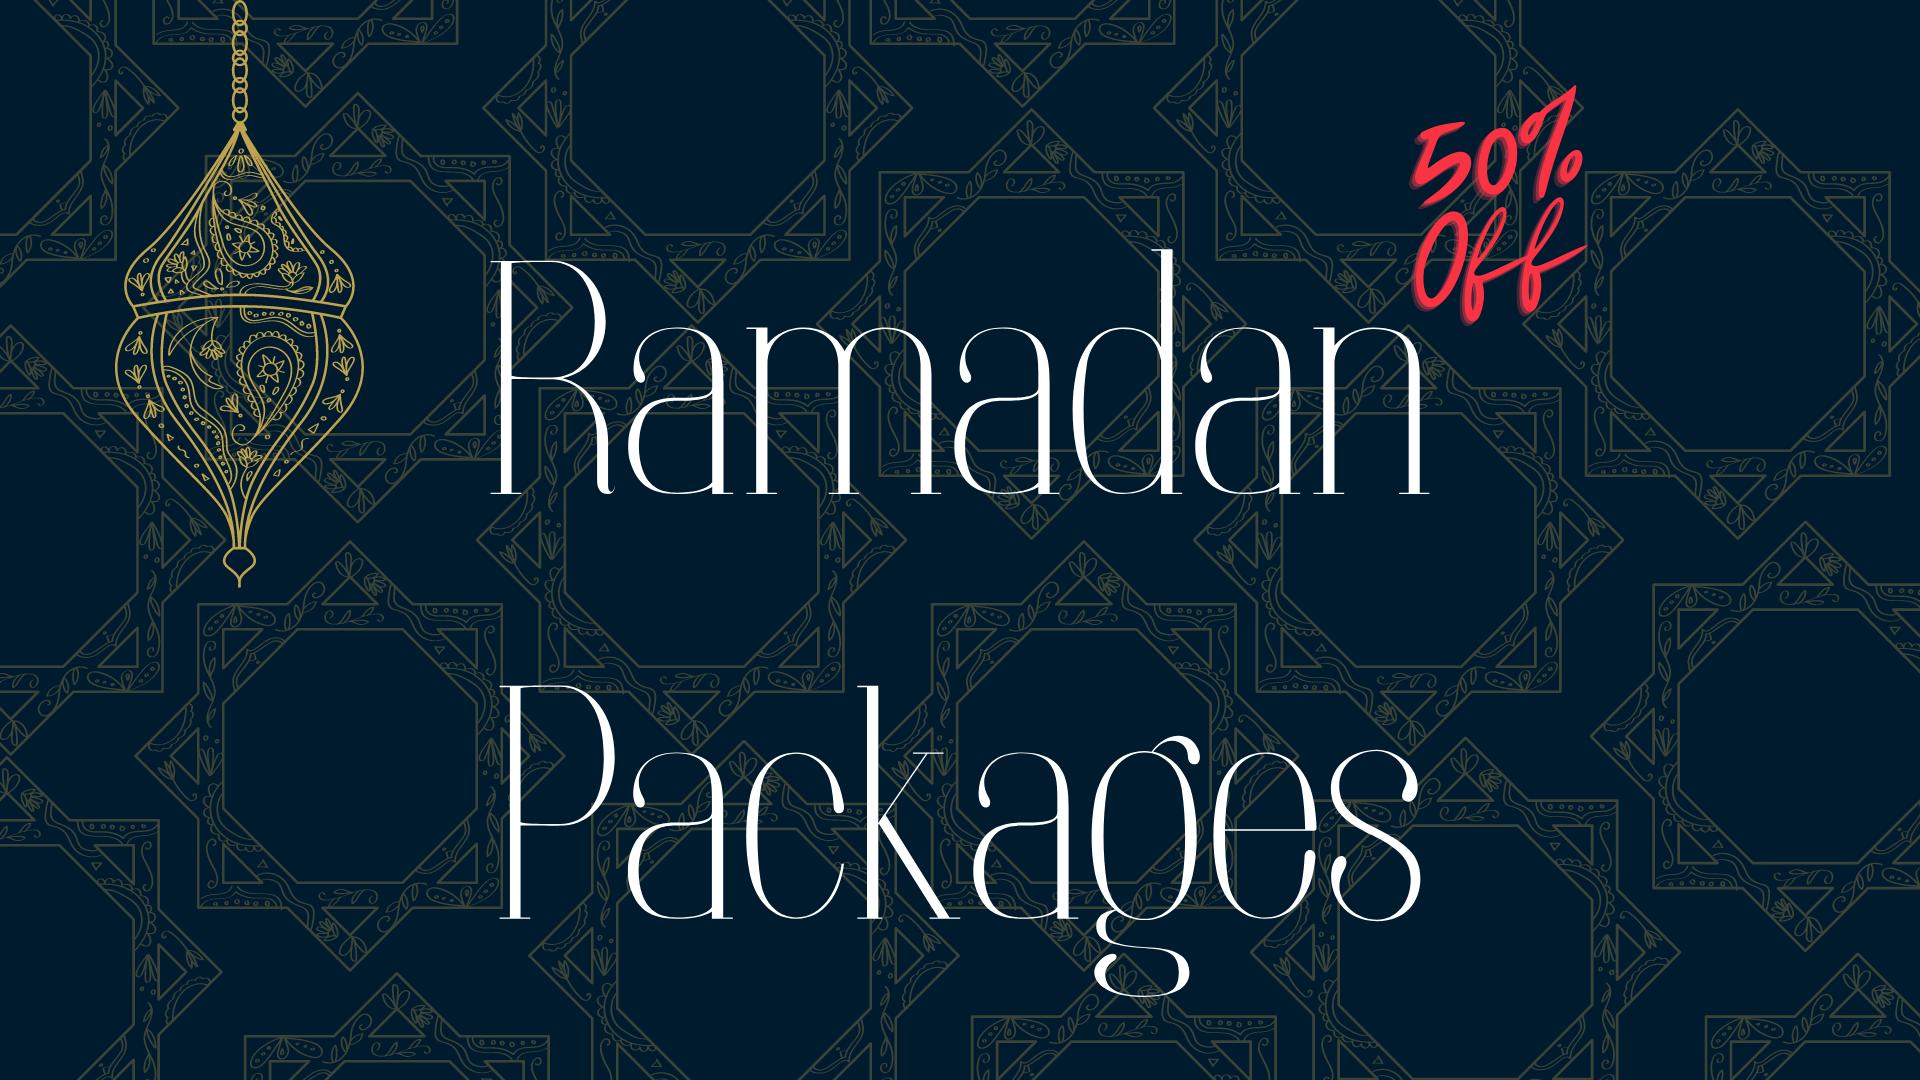 Ramadan Packages